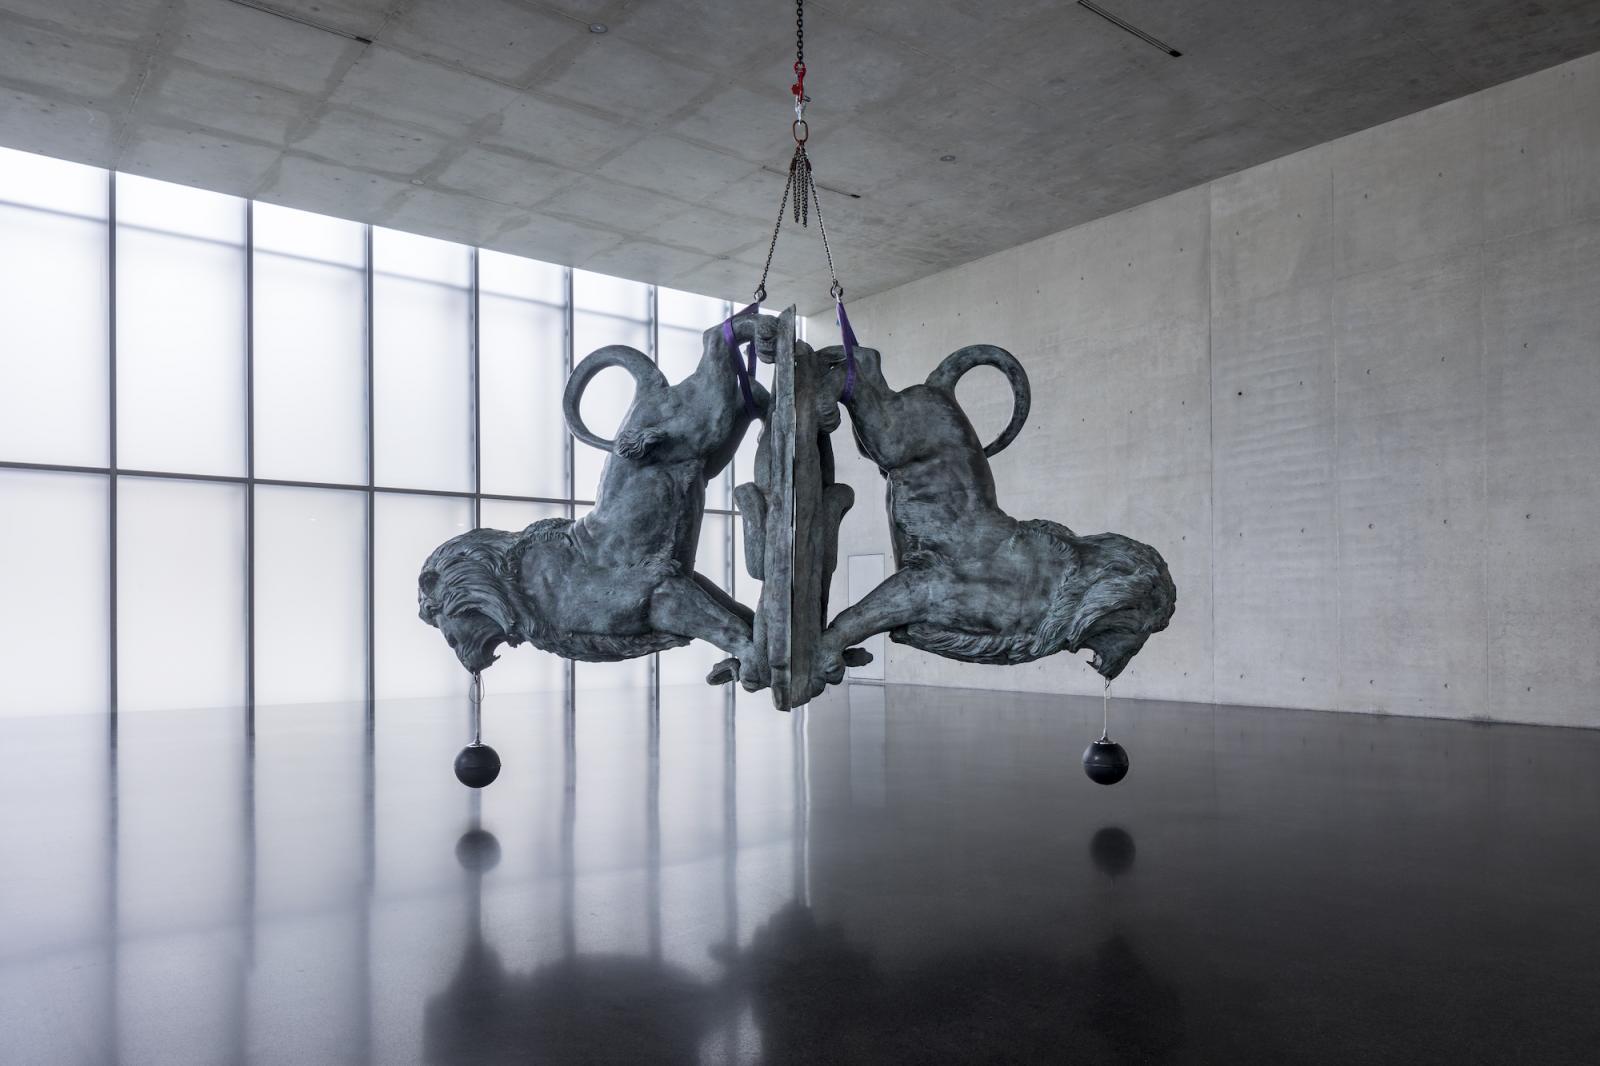 /In festen Händen/, 2016 Installation view, ground floor, Kunsthaus Bregenz, 2019 Photo: Markus Tretter, Courtesy of the artist, © Raphaela Vogel, Kunsthaus  Bregenz